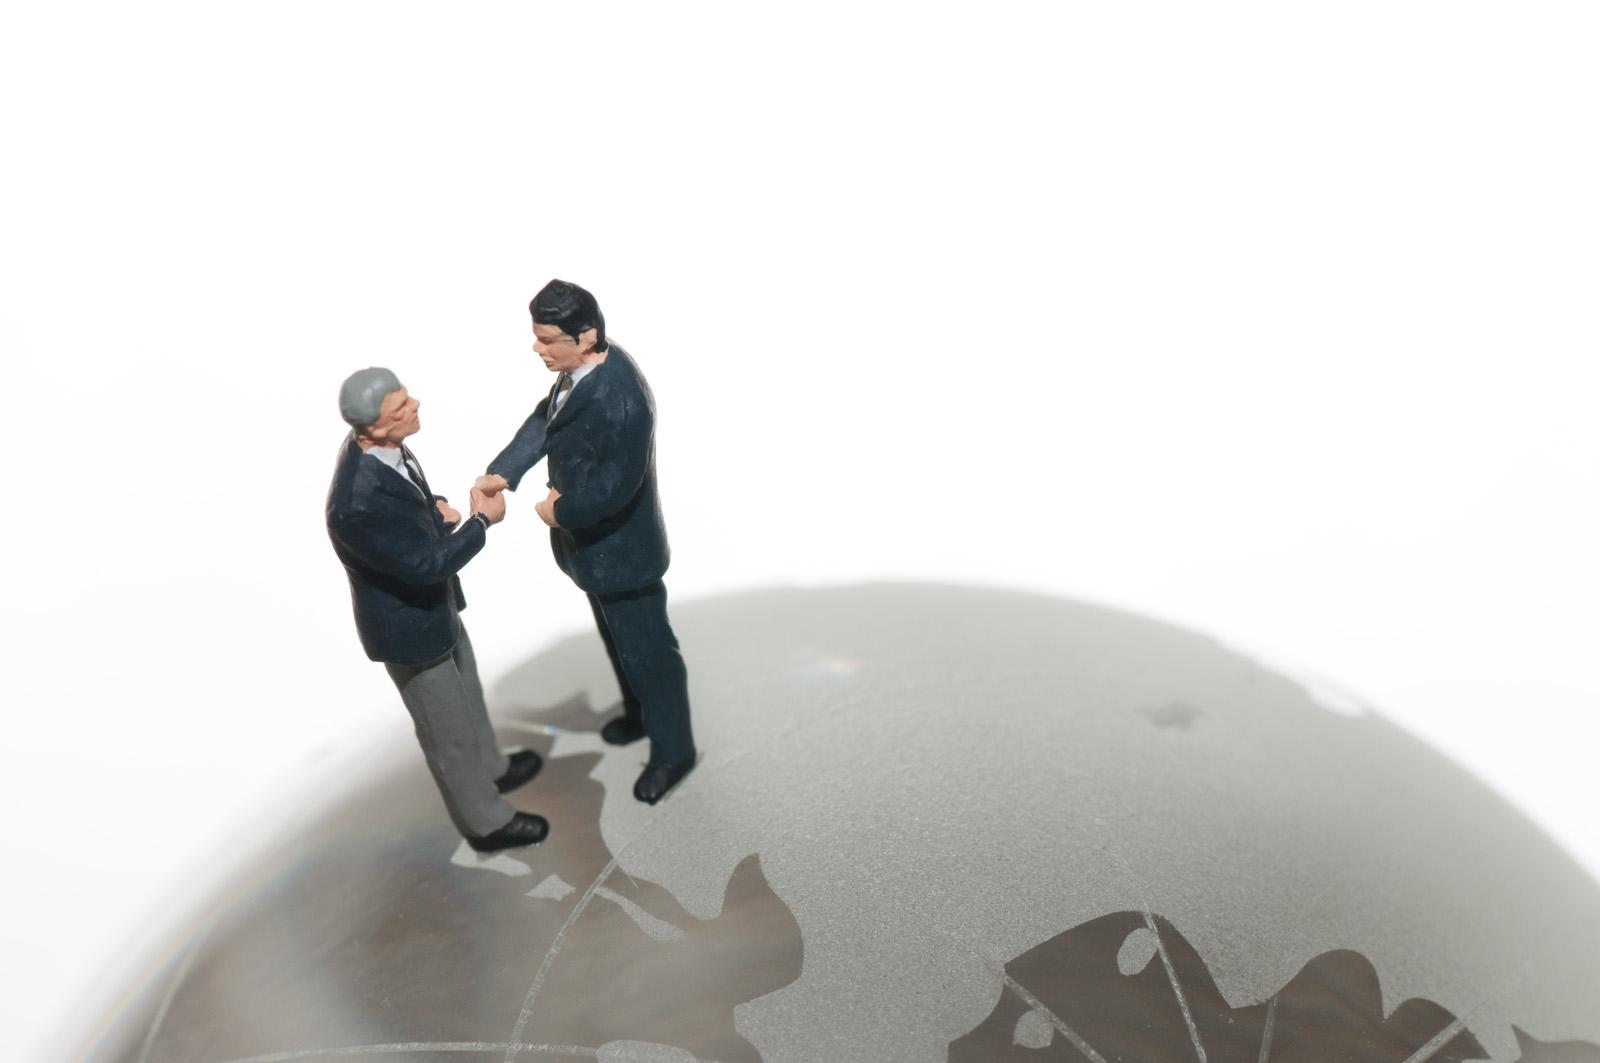 地球で握手する人たち